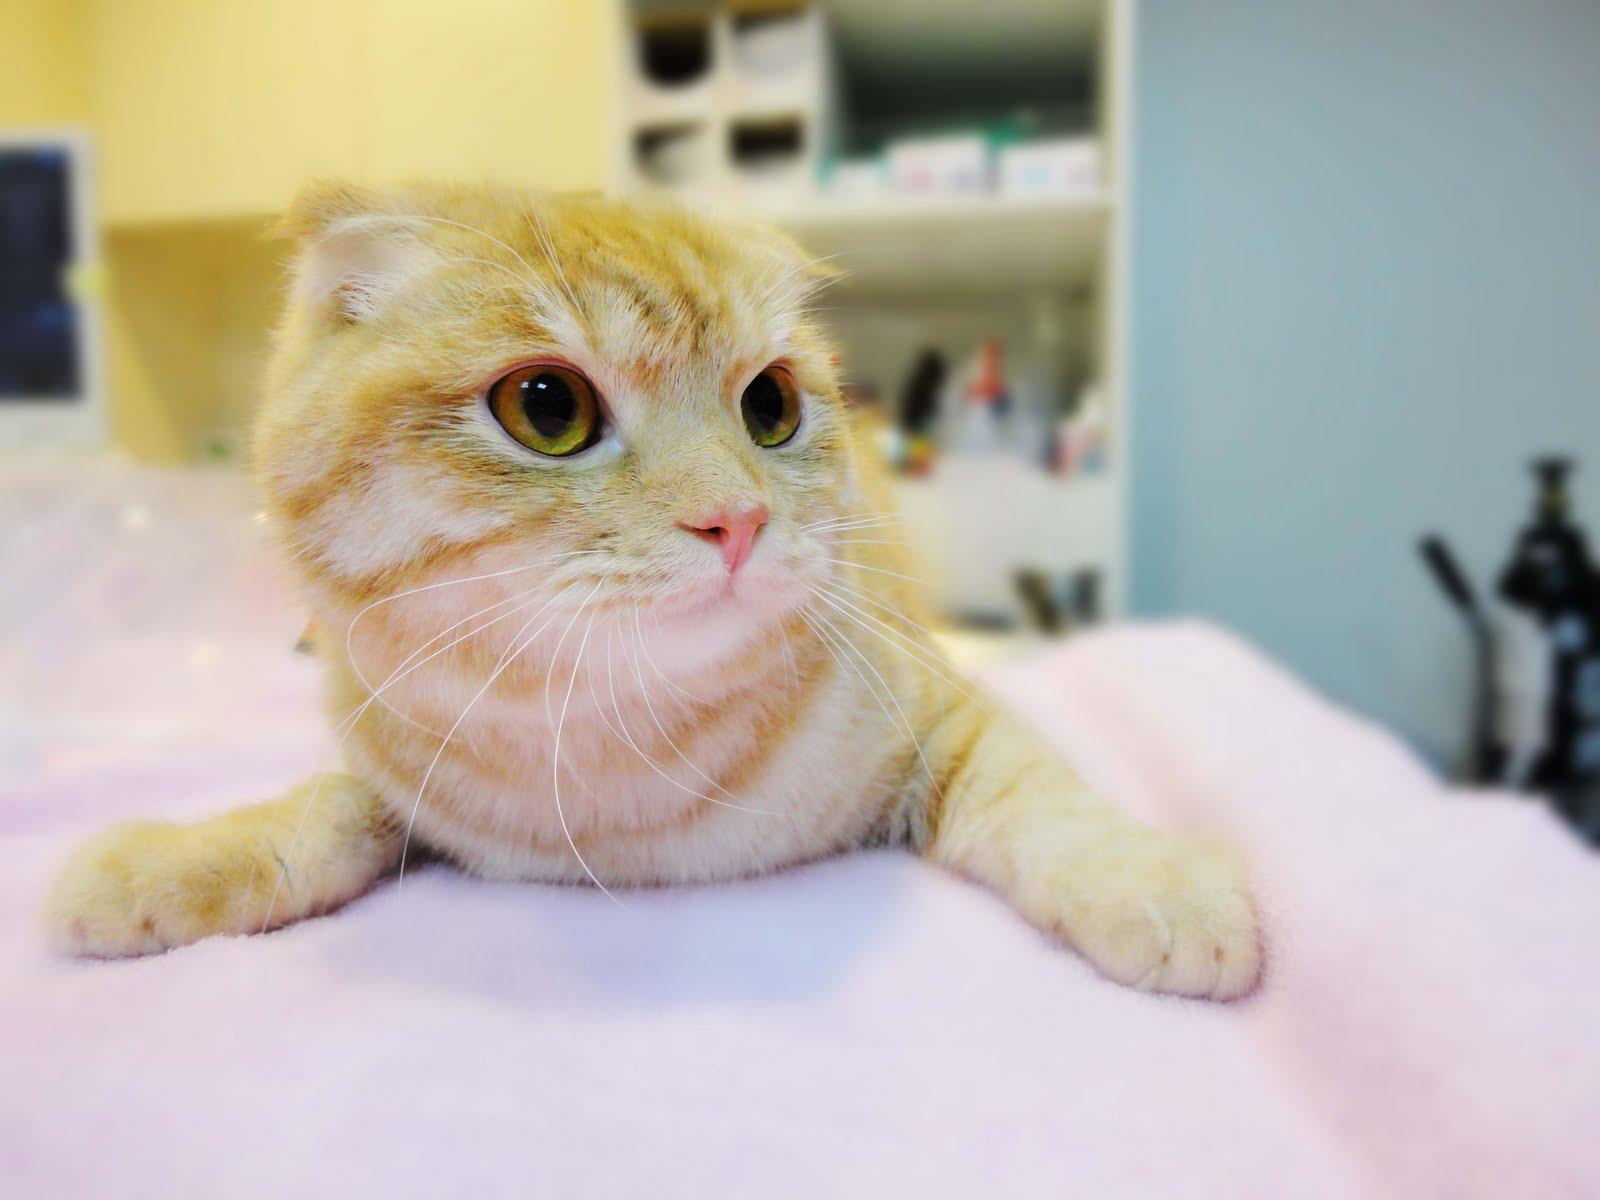 維康動物醫院: 認識貓皰疹病毒結膜炎